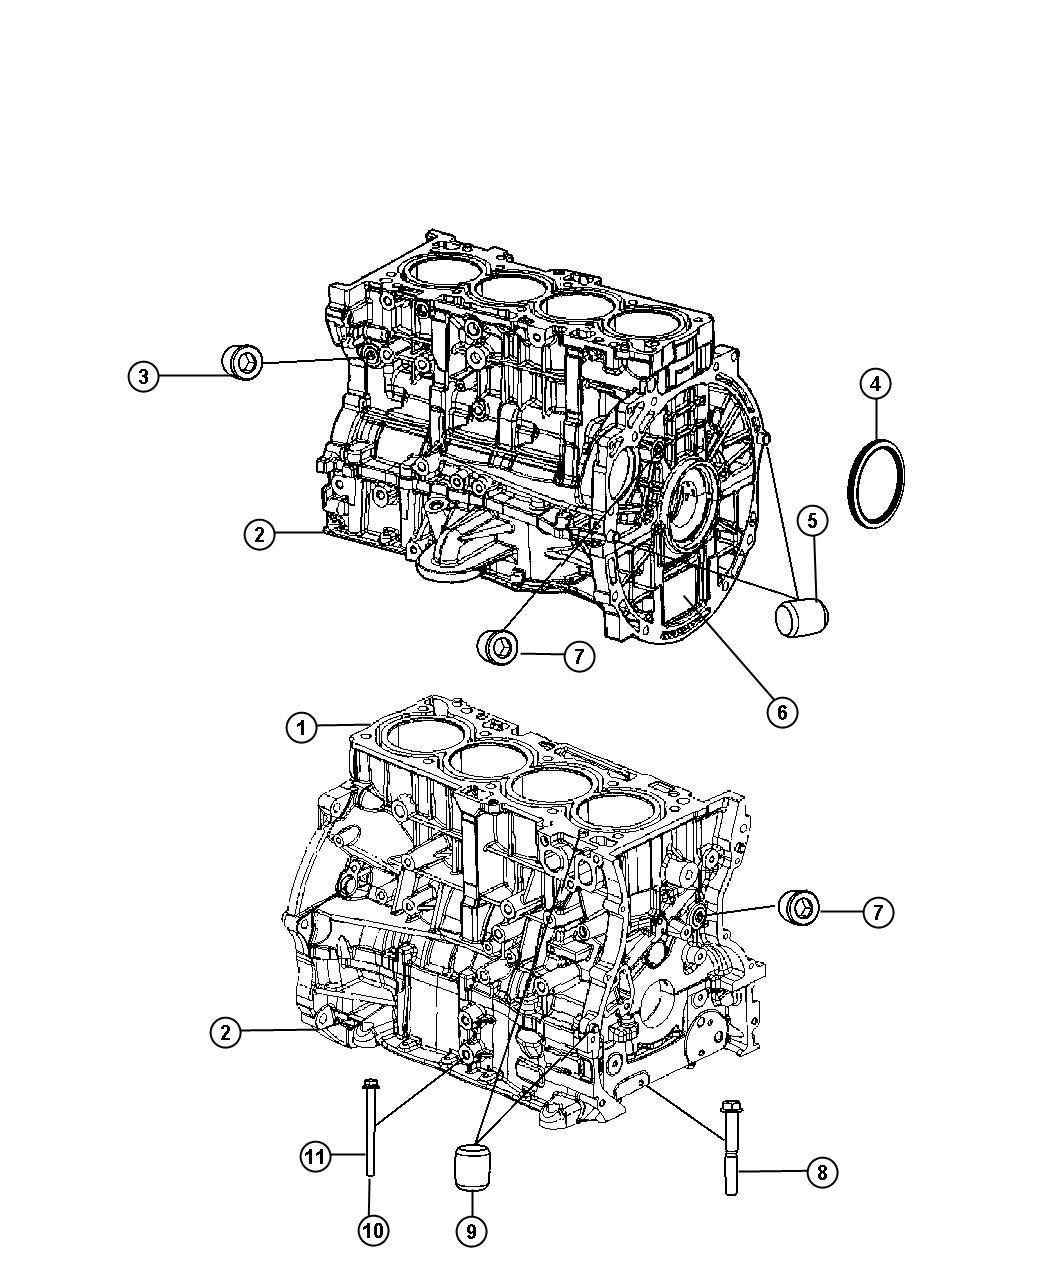 2009 Dodge Grand Caravan Engine Diagram Great Design Of Wiring 2004 Schematics 2010 Journey Parts Free 2005